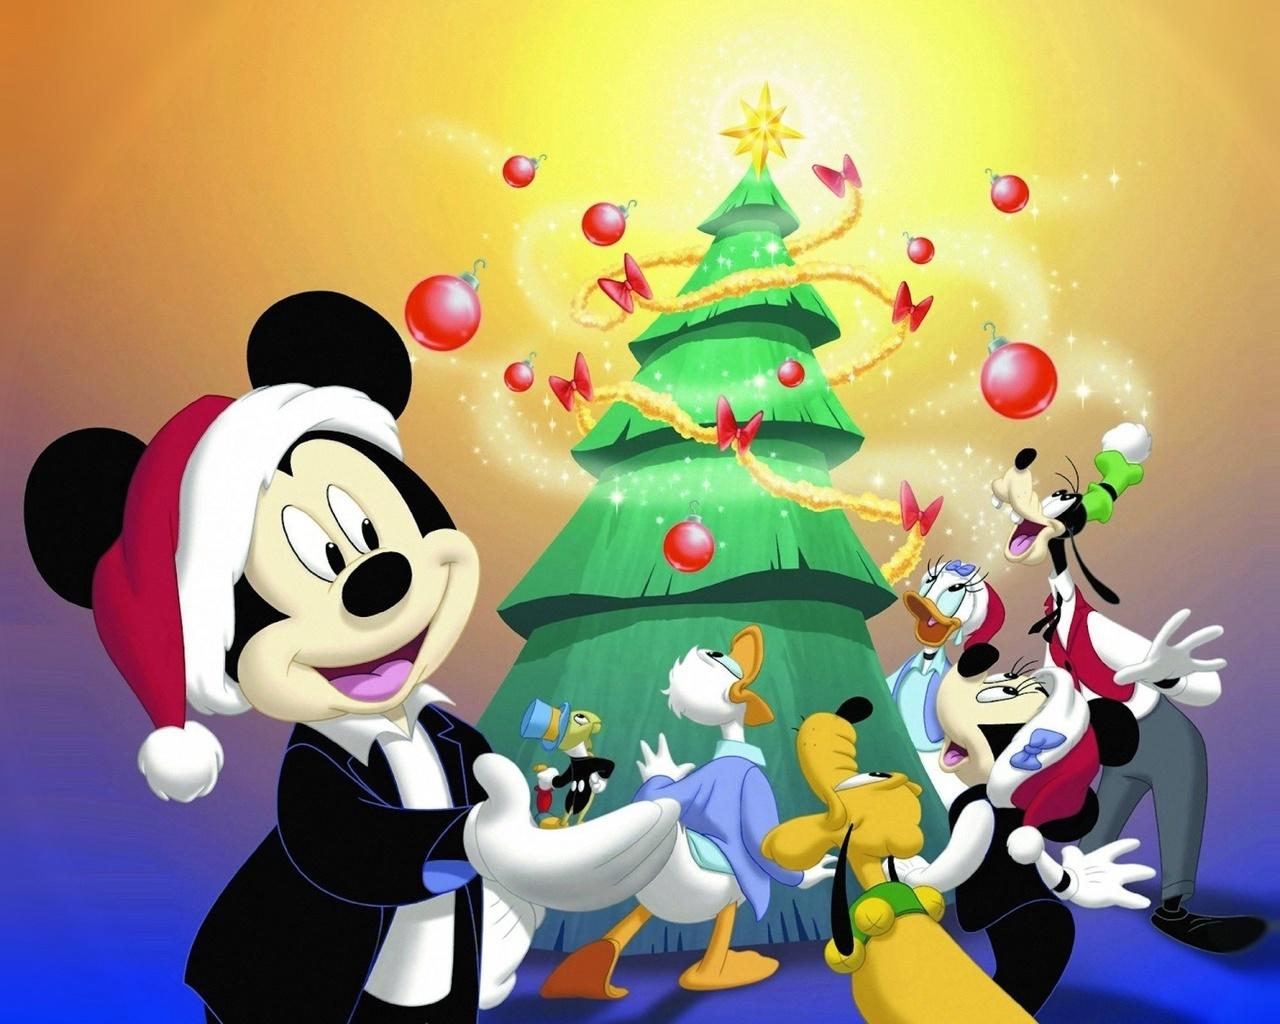 Днем, картинки с мультфильмов про рождество